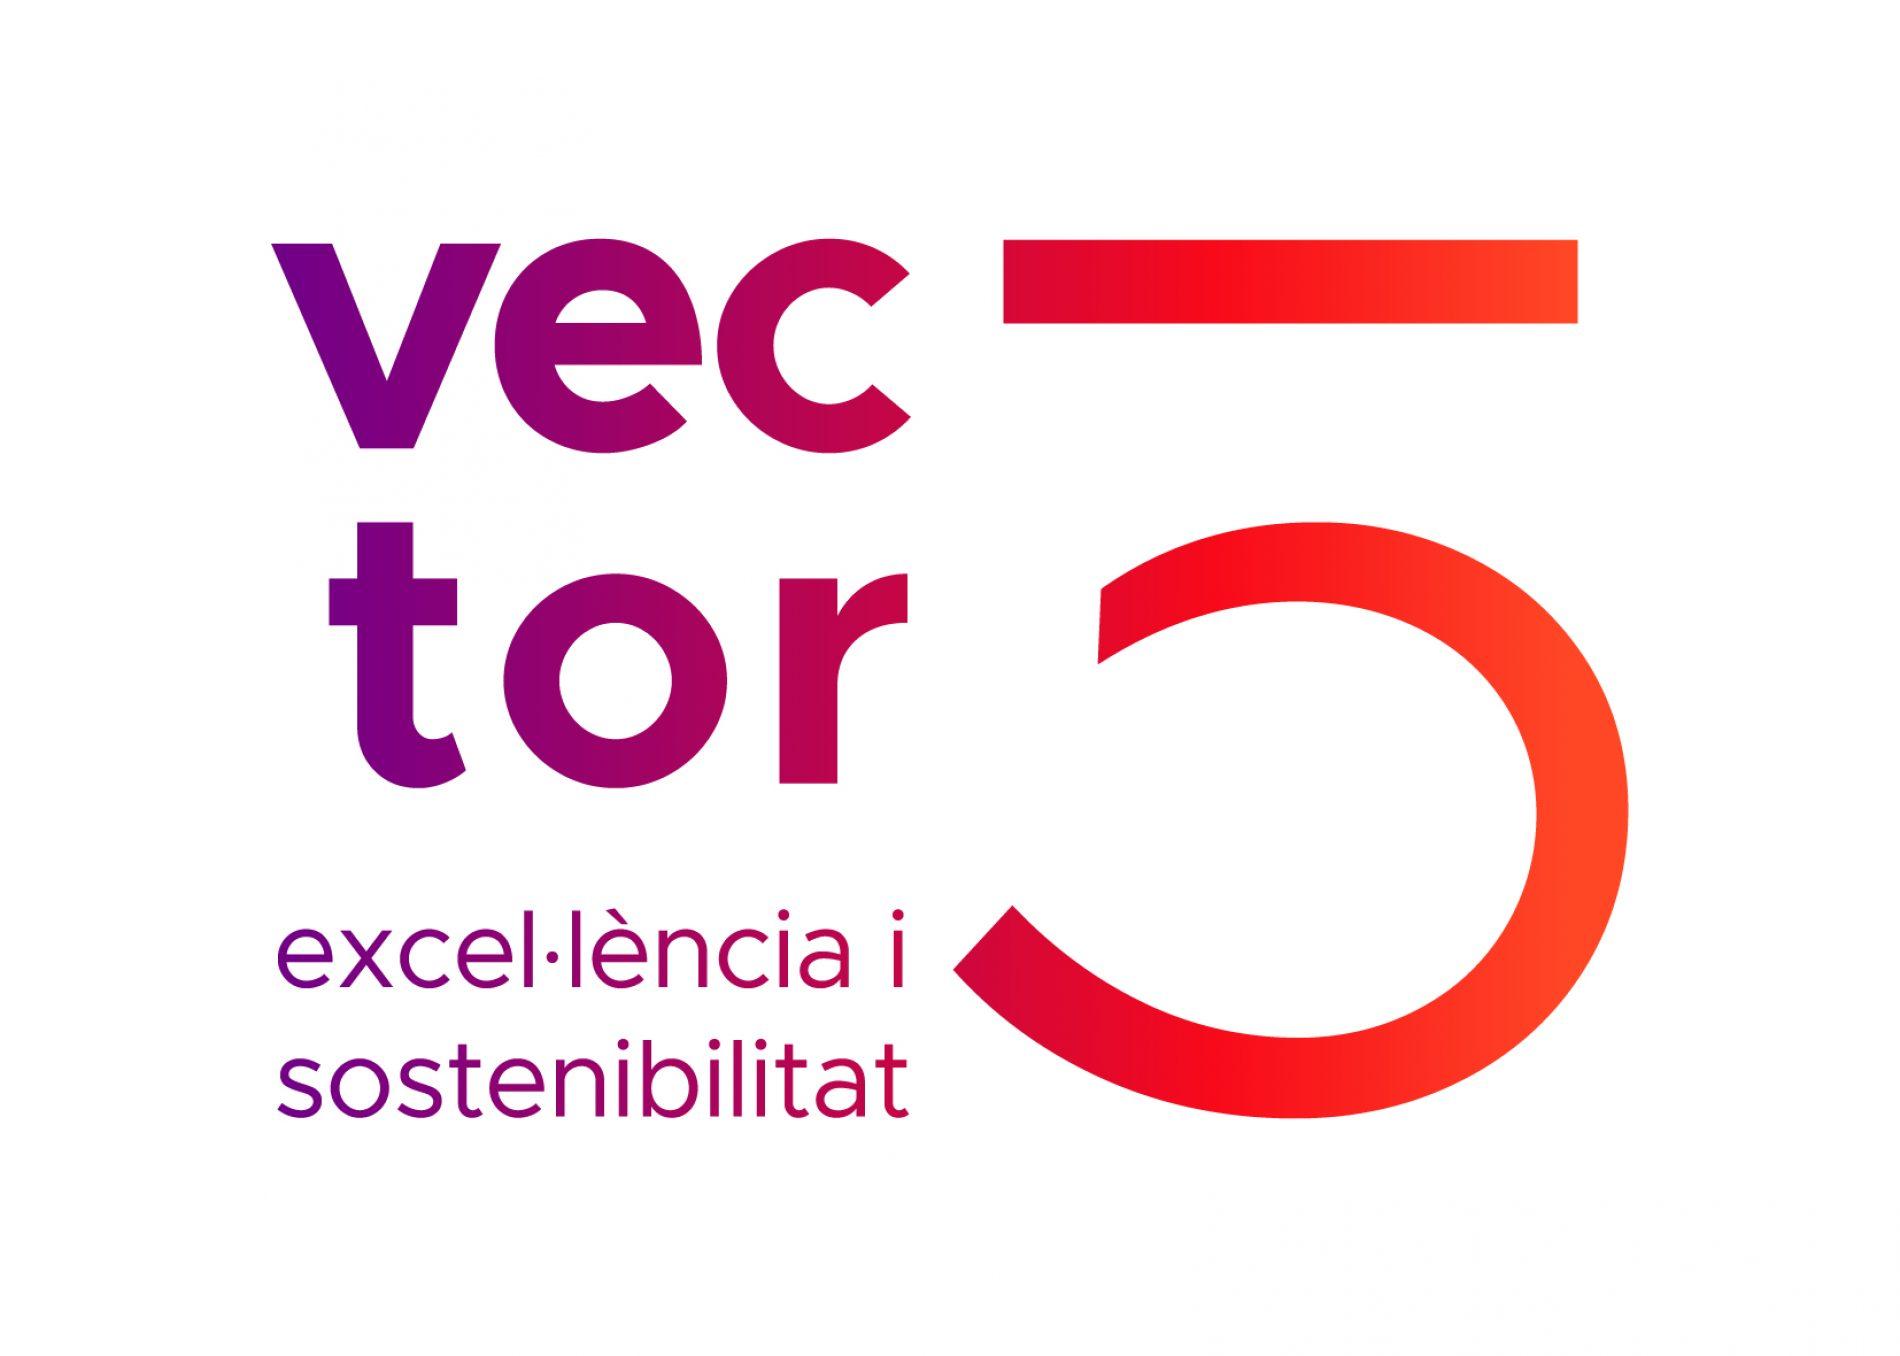 L'empresa membre Vector5, transformada en cooperativa, ha incorporat els ODS als estatuts